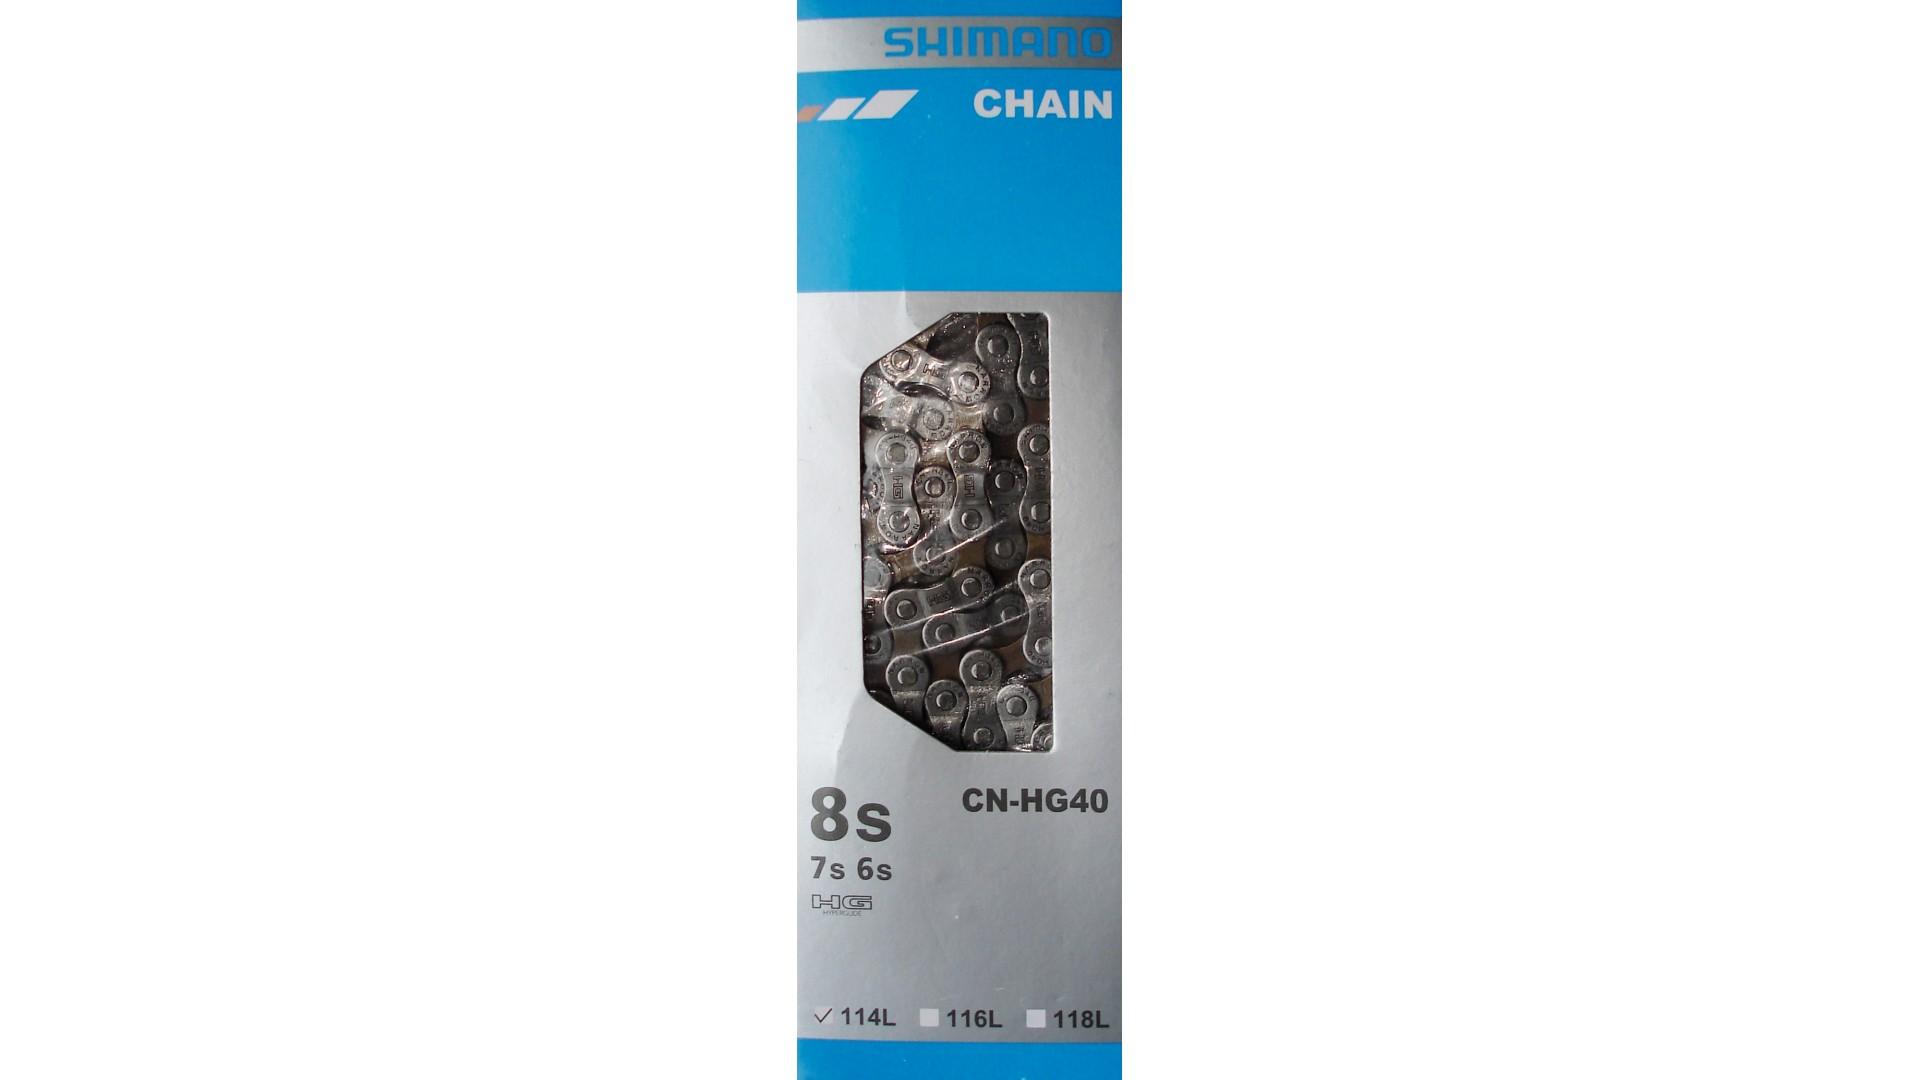 Цепь Shimano CN-HG40, 6-8ск. 114-звеньев, Acera-Altus